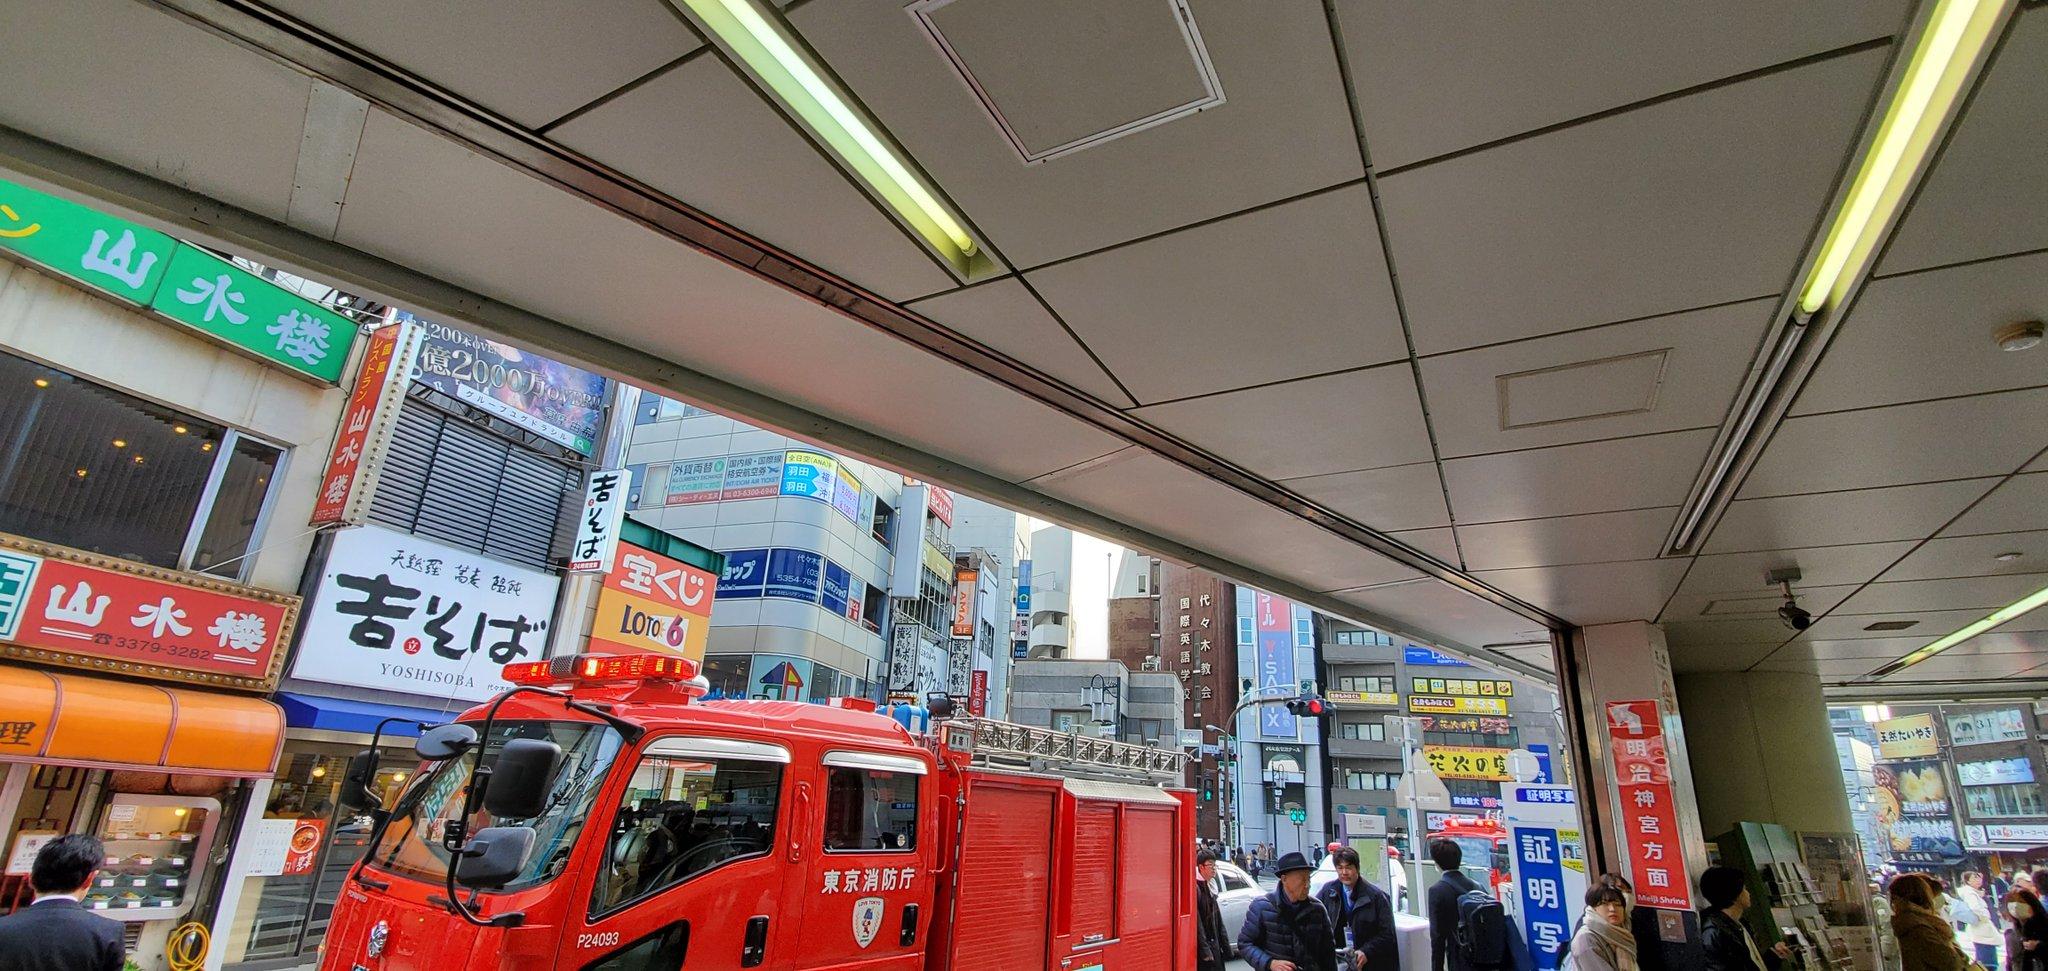 代々木駅の人身事故で緊急車両が到着している画像